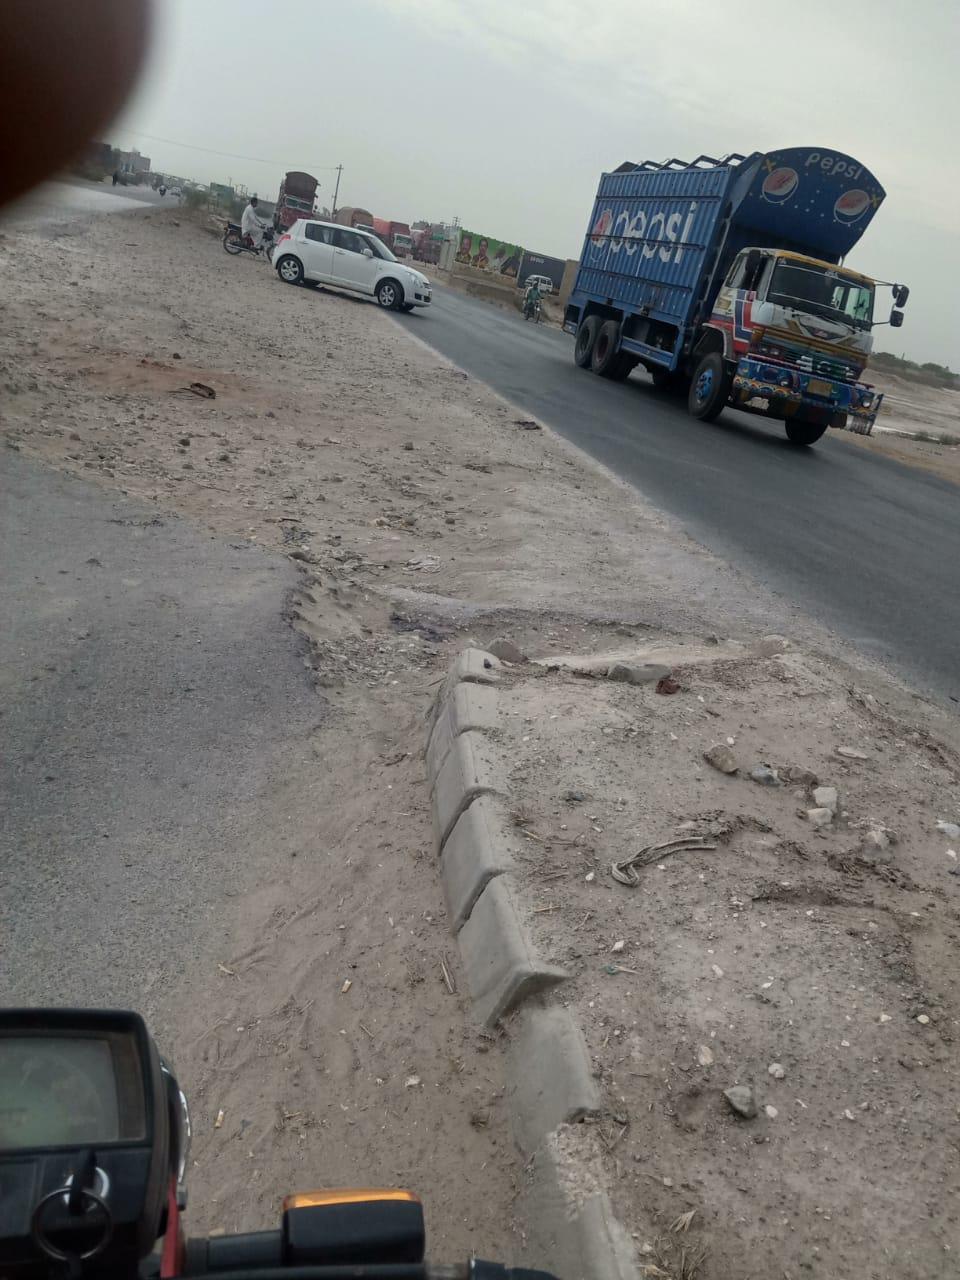 تاج چوک موٹر وے قومی شاھراہ پر یو ٹرن کی خستہ حالت آئے روز عوام حادثے کا شکار